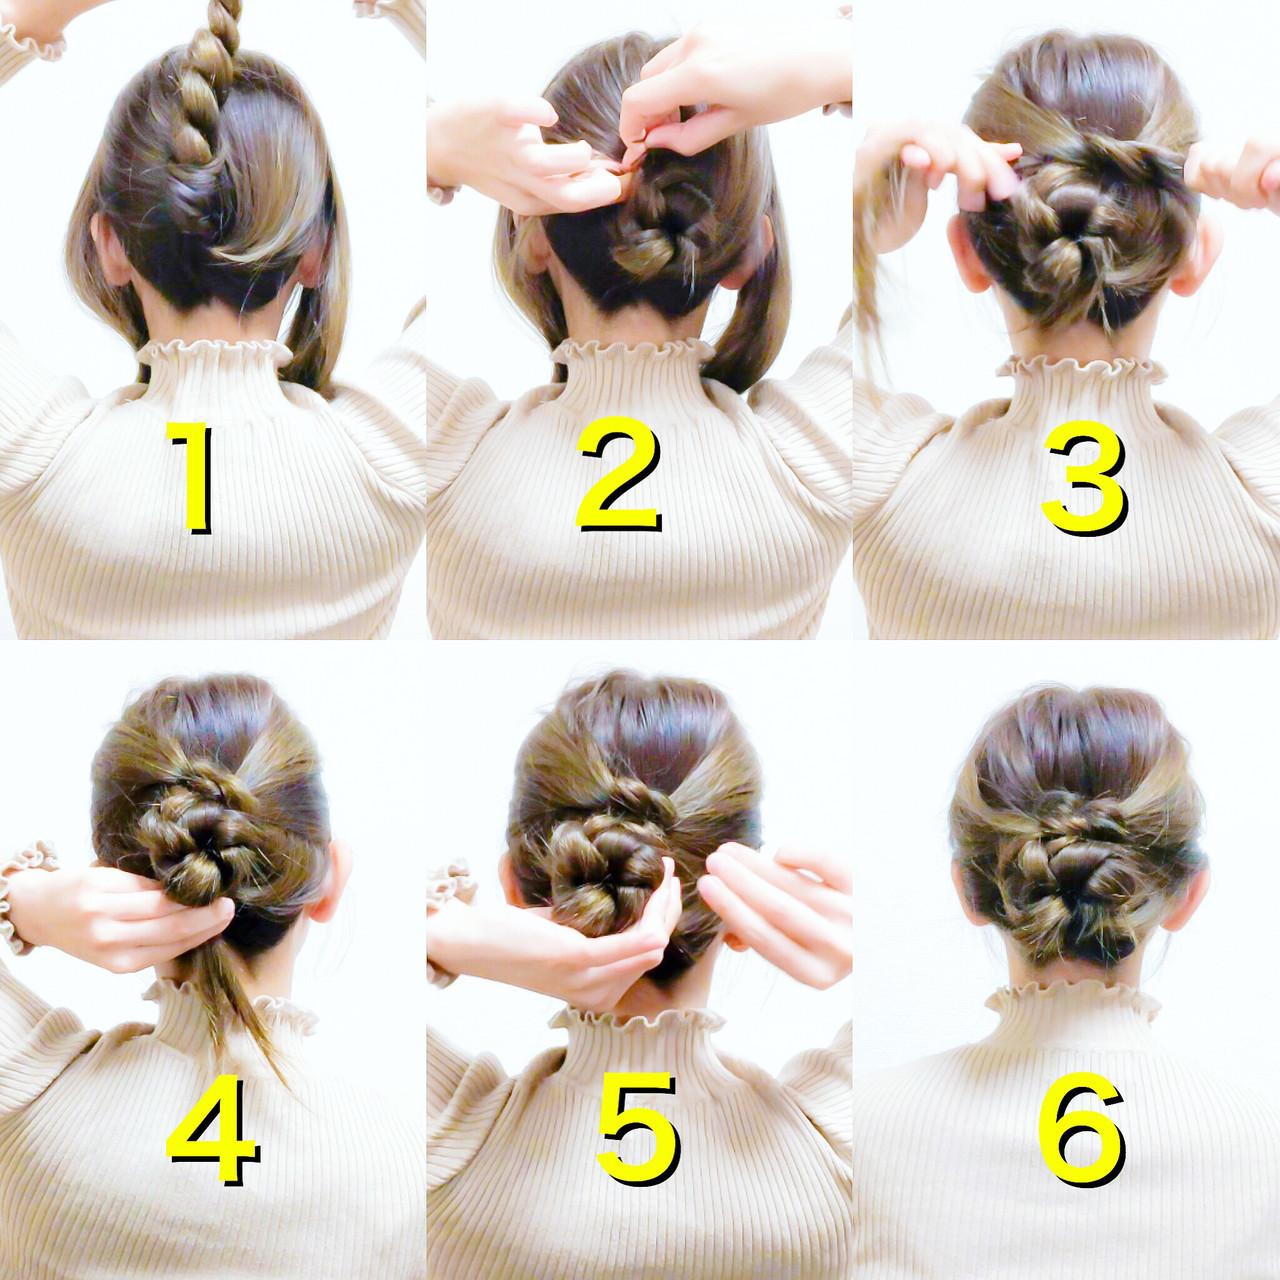 上品 簡単ヘアアレンジ セルフヘアアレンジ ヘアアレンジ ヘアスタイルや髪型の写真・画像